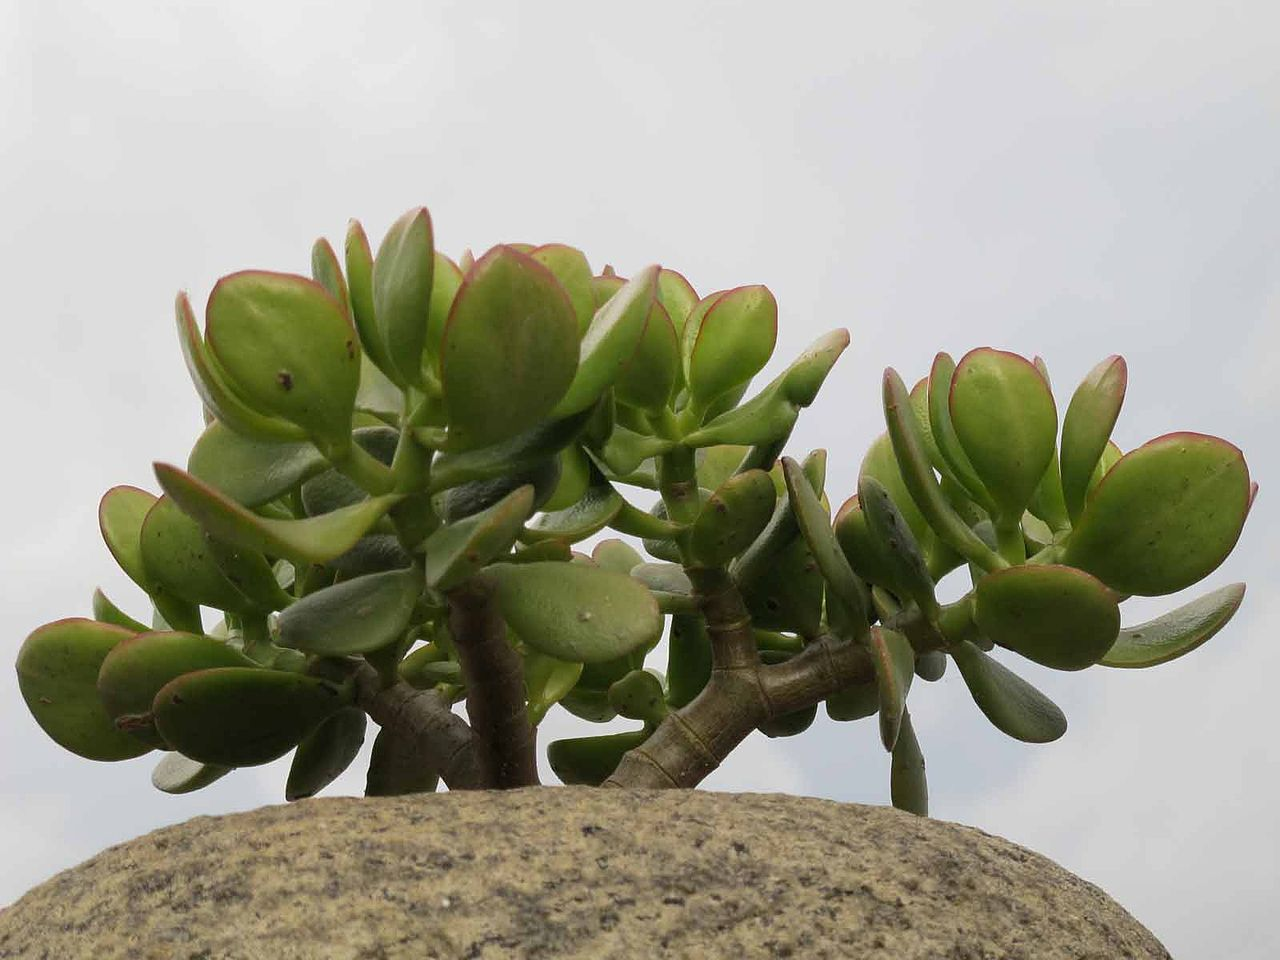 La planta de jade es un arbusto